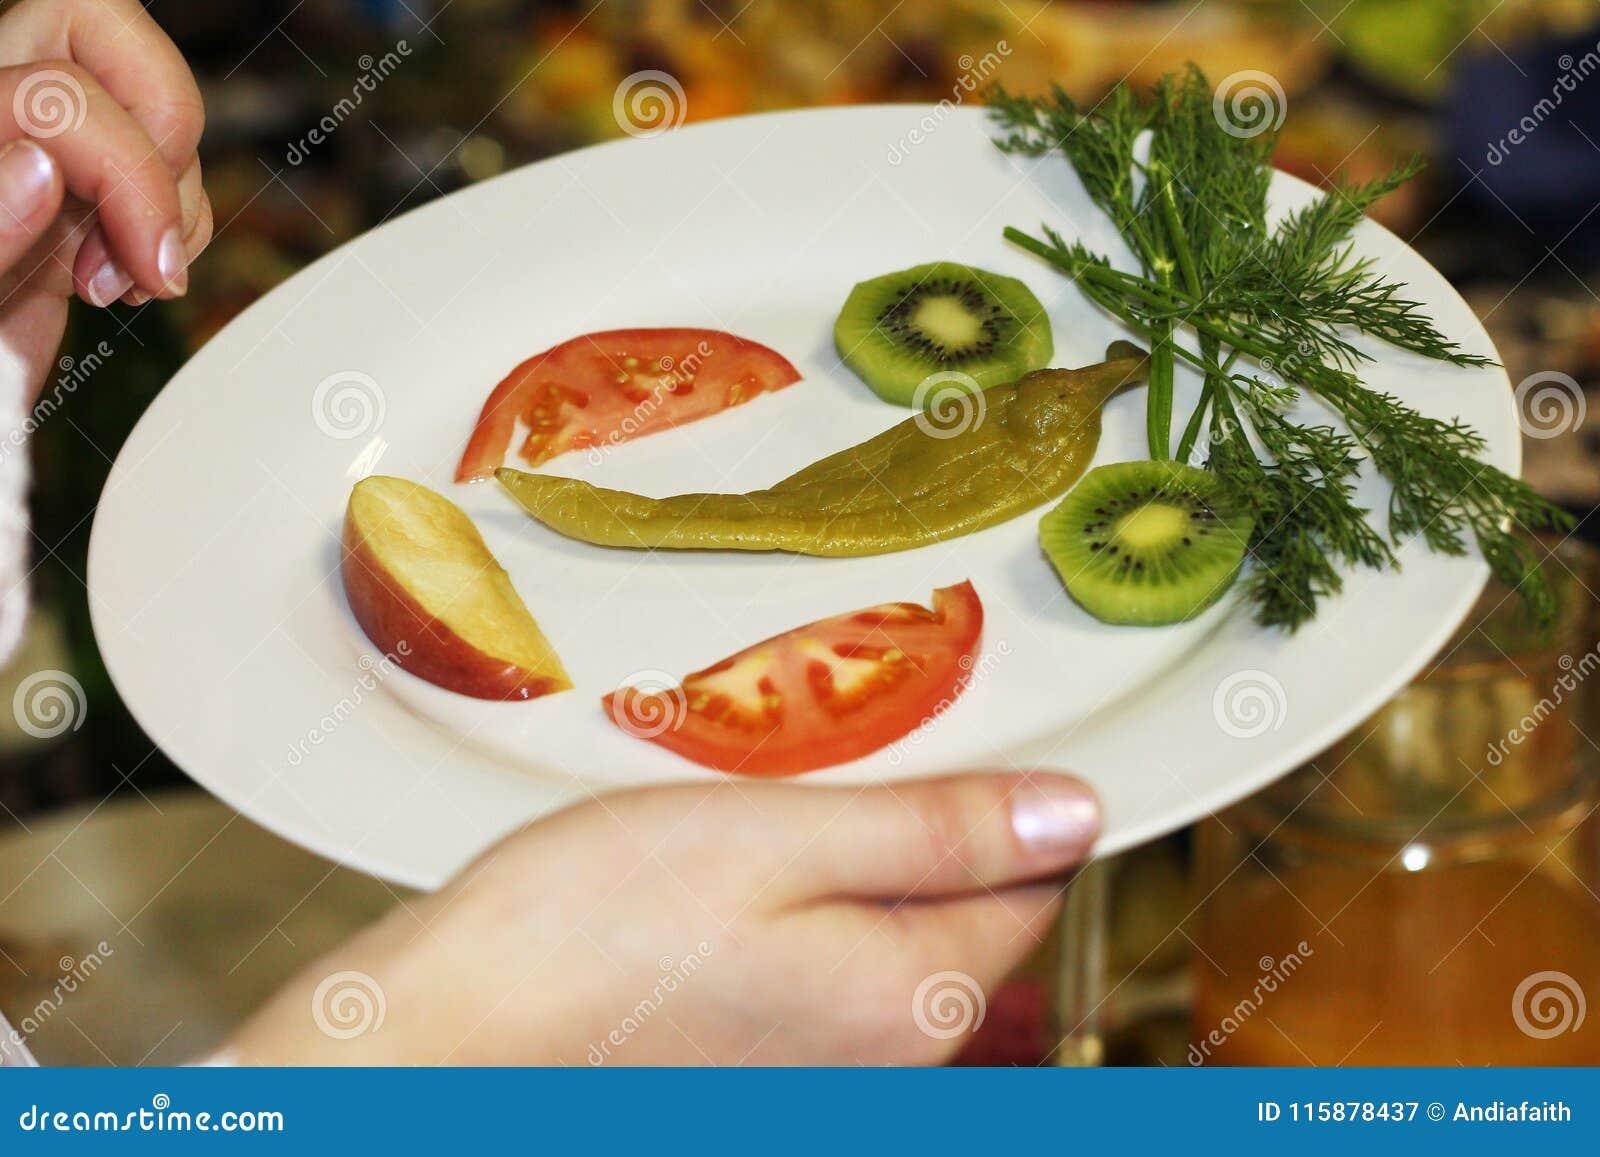 Cooking Grappig die gezicht van groenten en vruchten wordt gemaakt